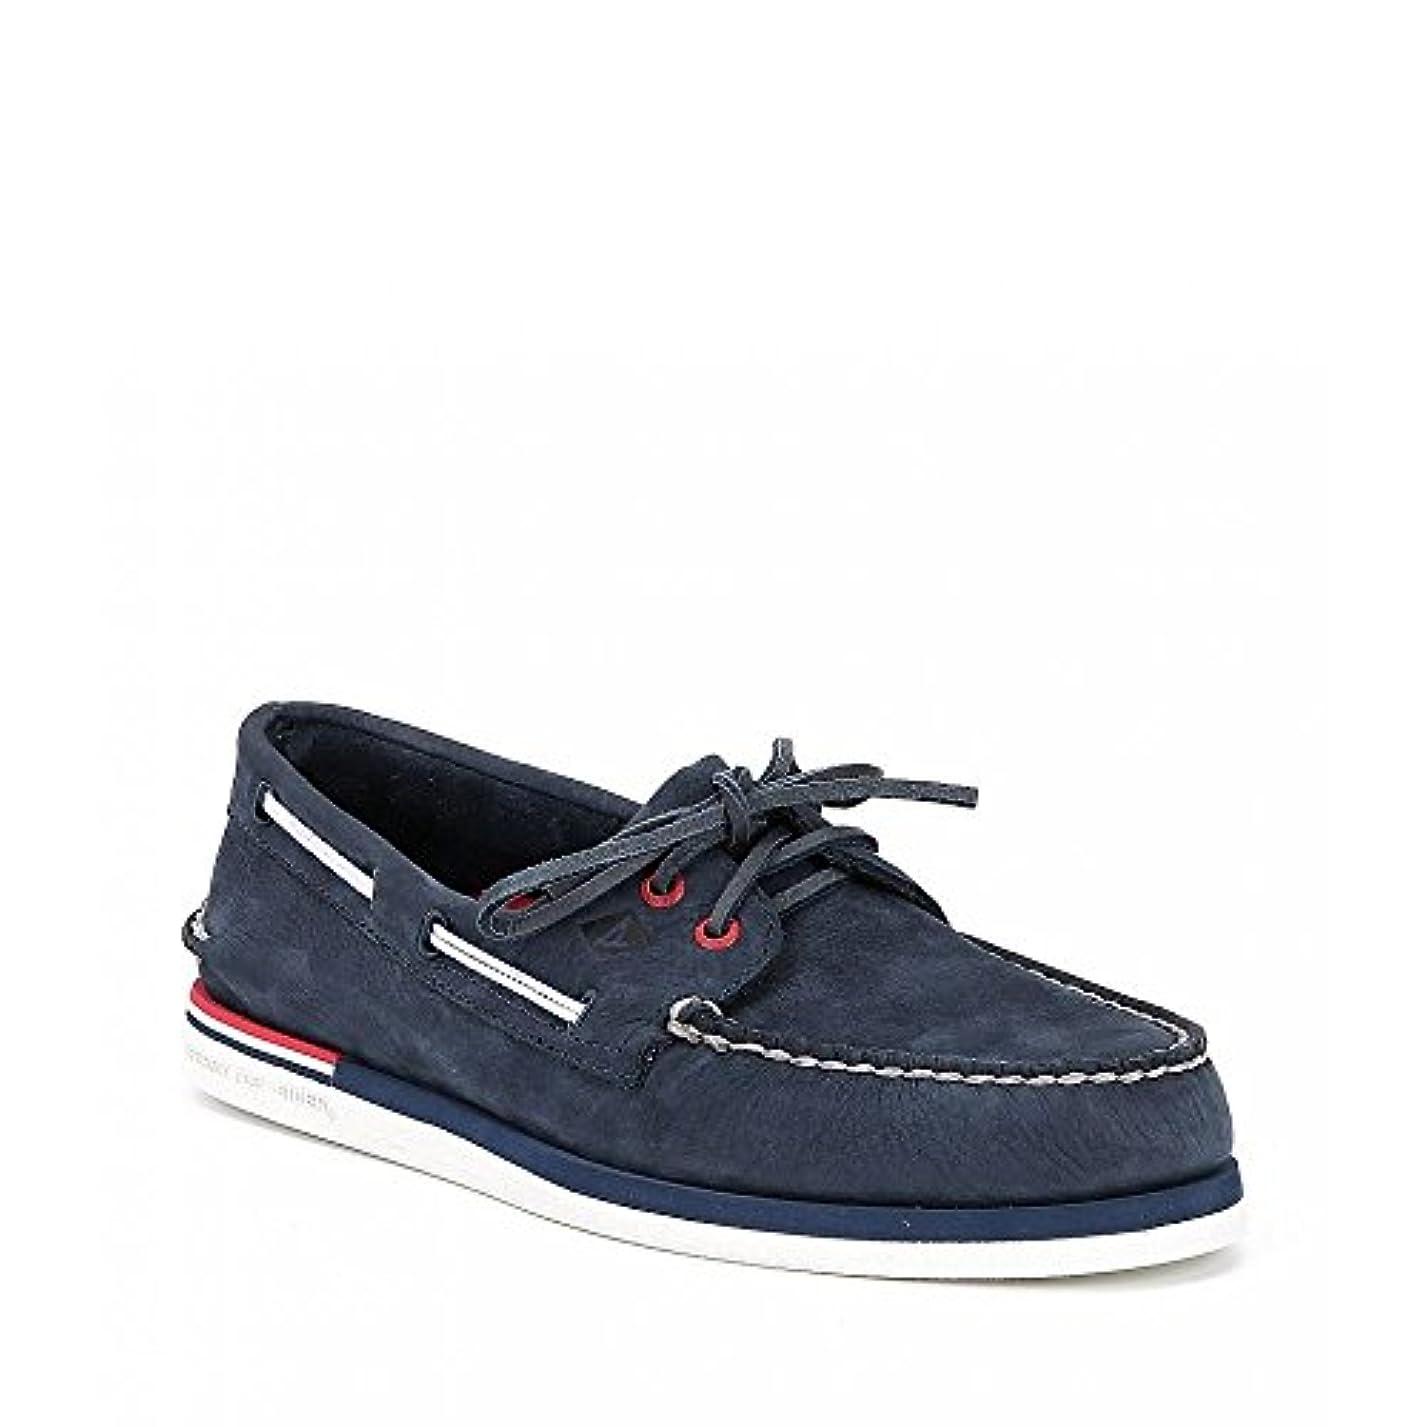 そんなに悪用ウルル(スペリー) Sperry メンズ シューズ?靴 デッキシューズ Authentic Original 2-Eye Boat Shoes [並行輸入品]